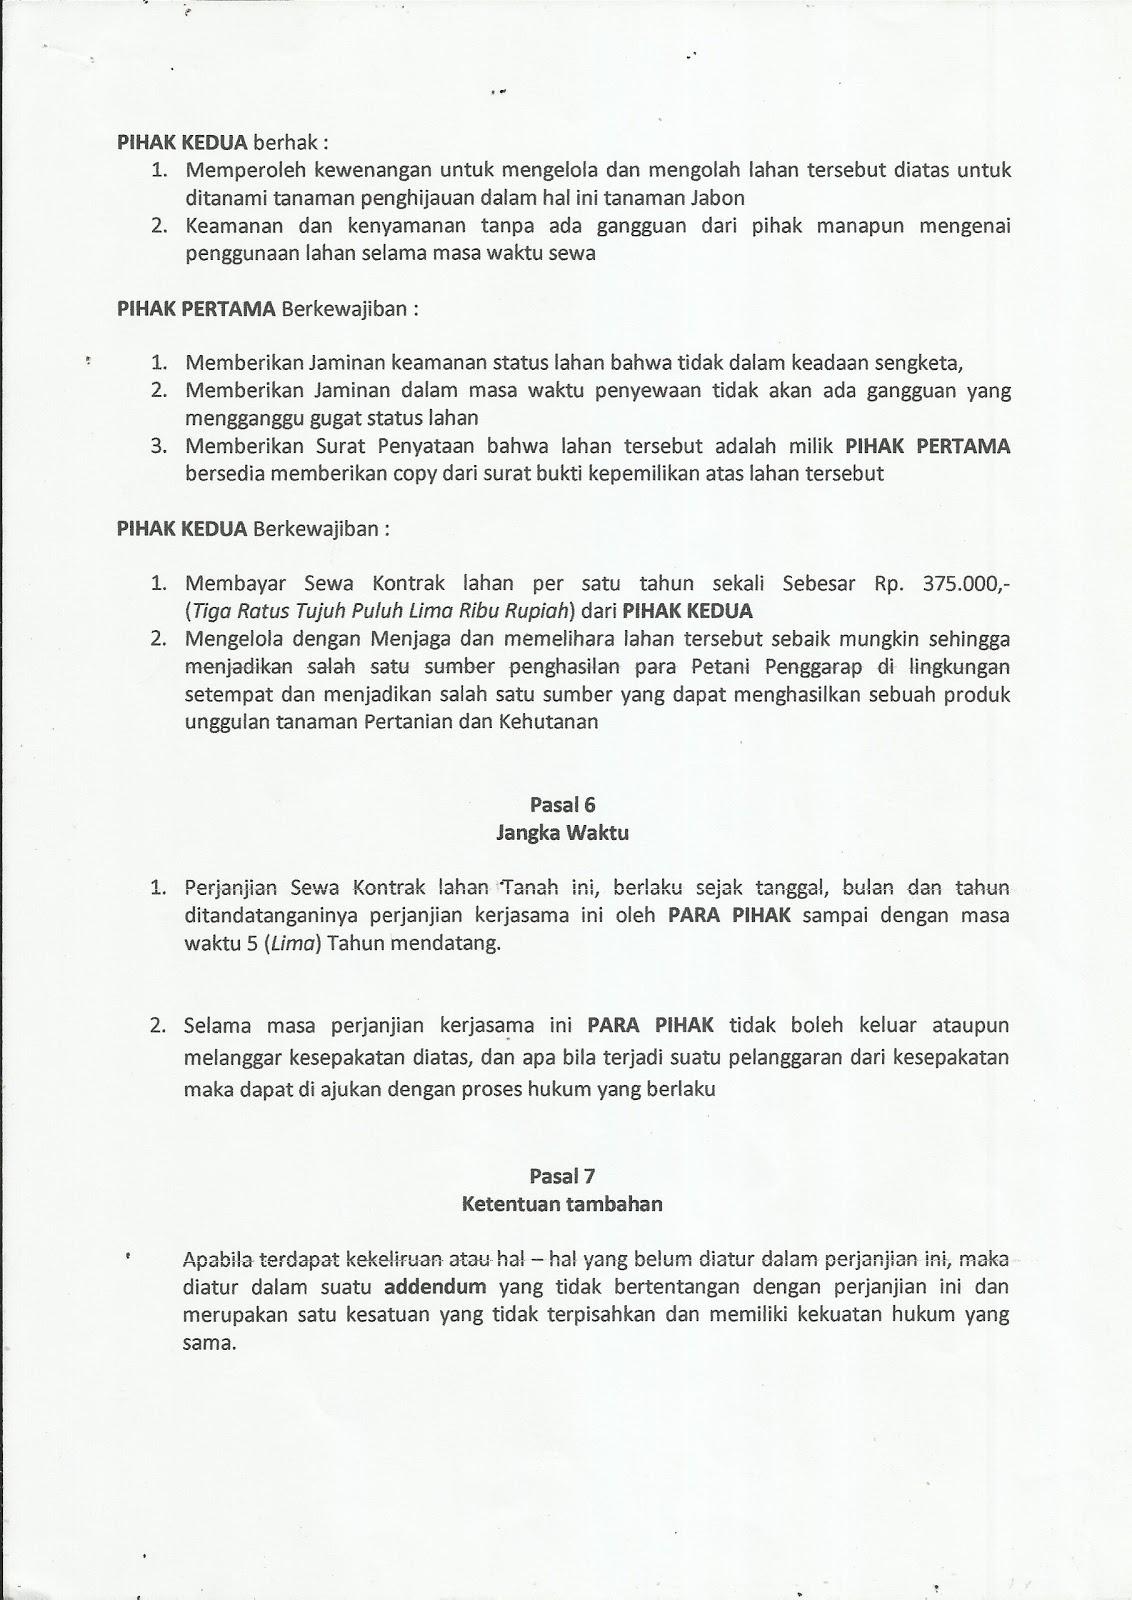 Gerakan Nusantara Hijau Contoh Surat Perjanjian Sewa Kontrak Lahan